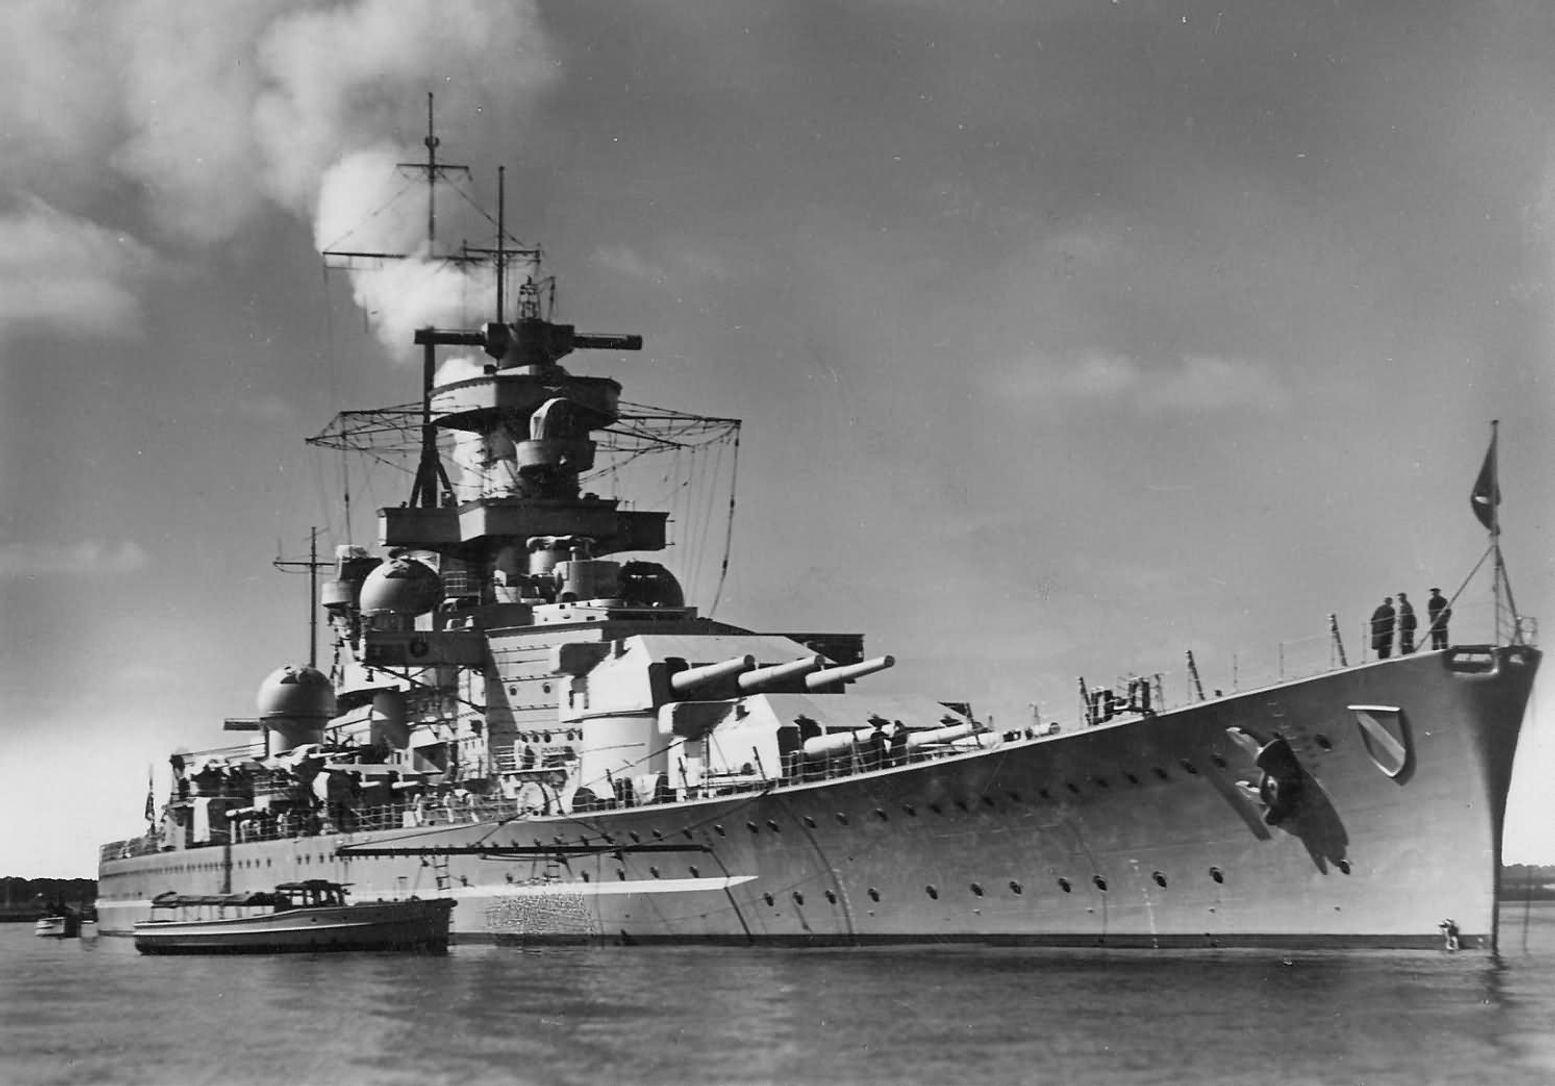 Hitler's Pocket Battleships: A Navy-Killer or a Waste of Steel?